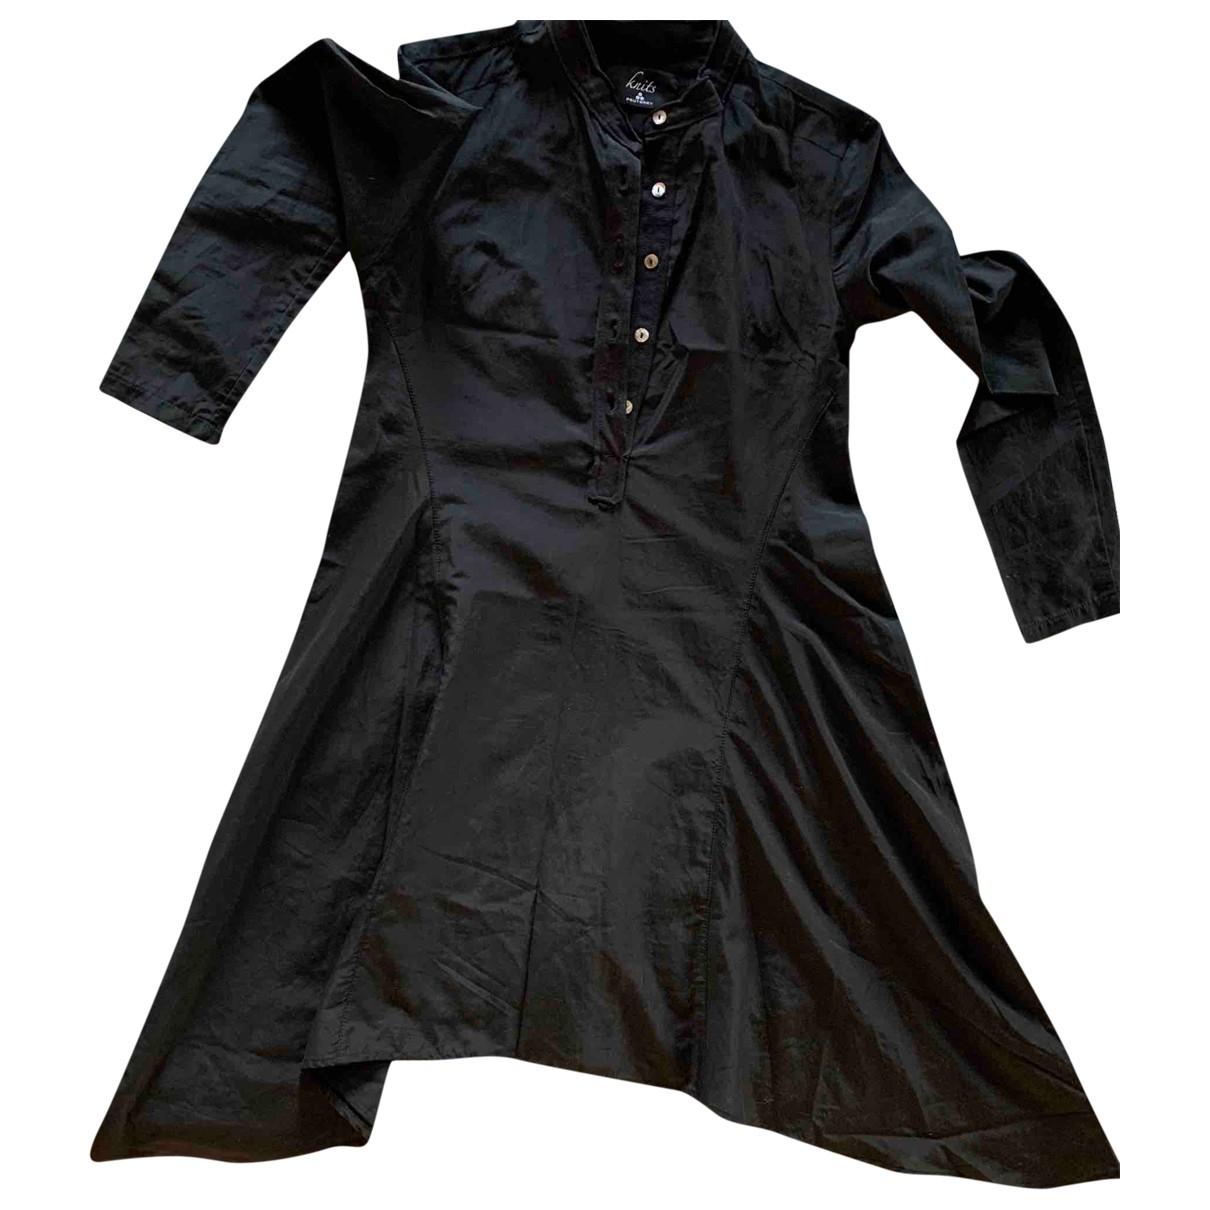 Peuterey \N Kleid in  Schwarz Baumwolle - Elasthan